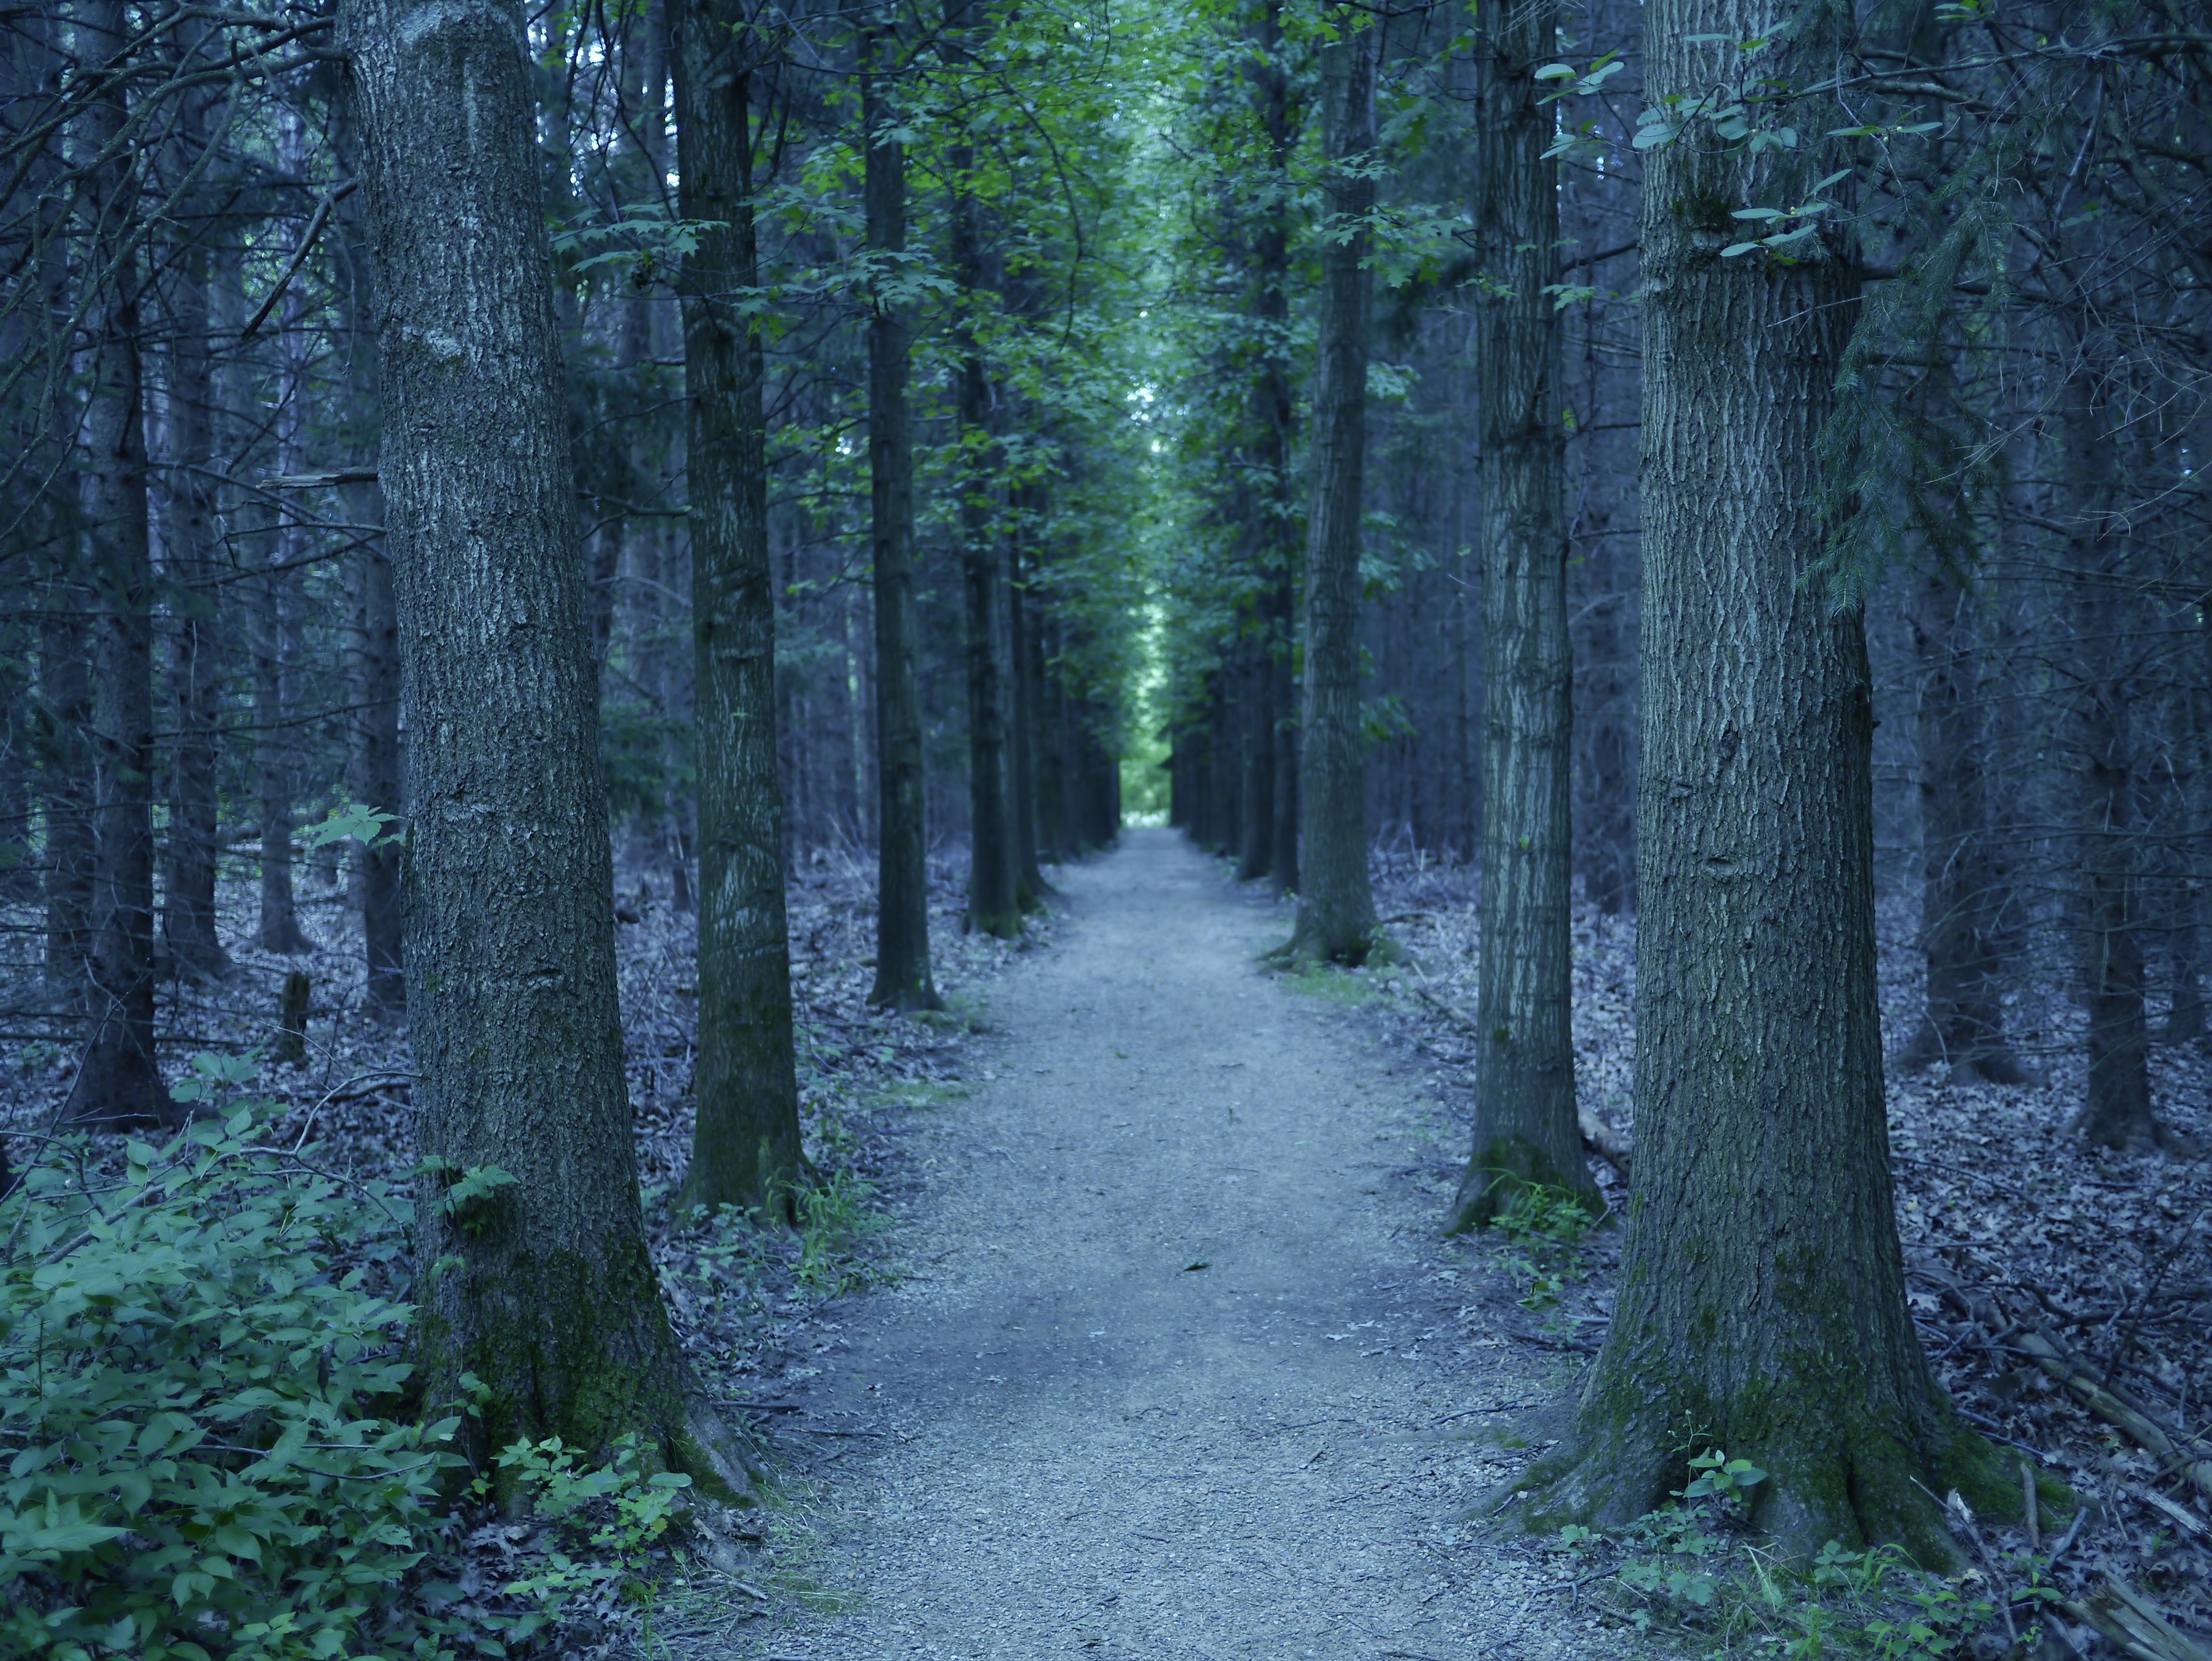 густой лес тропа природа загрузить